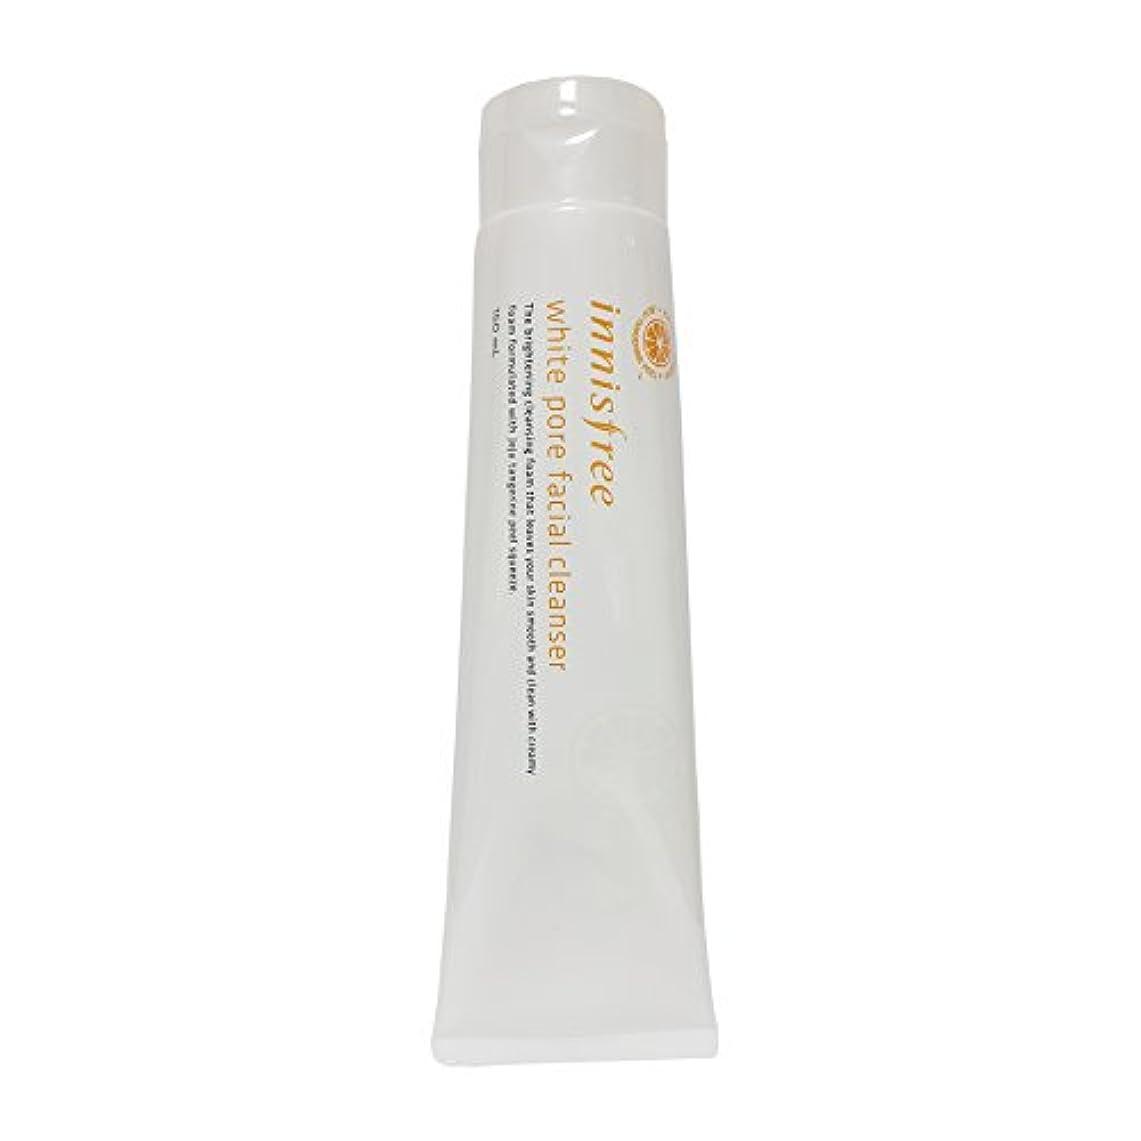 愚か多分代数[イニスフリー] Innisfree ホワイト毛穴フェイシャルクレンザー (150ml) Innisfree White Pore Facial Cleanser(150ml) [海外直送品]